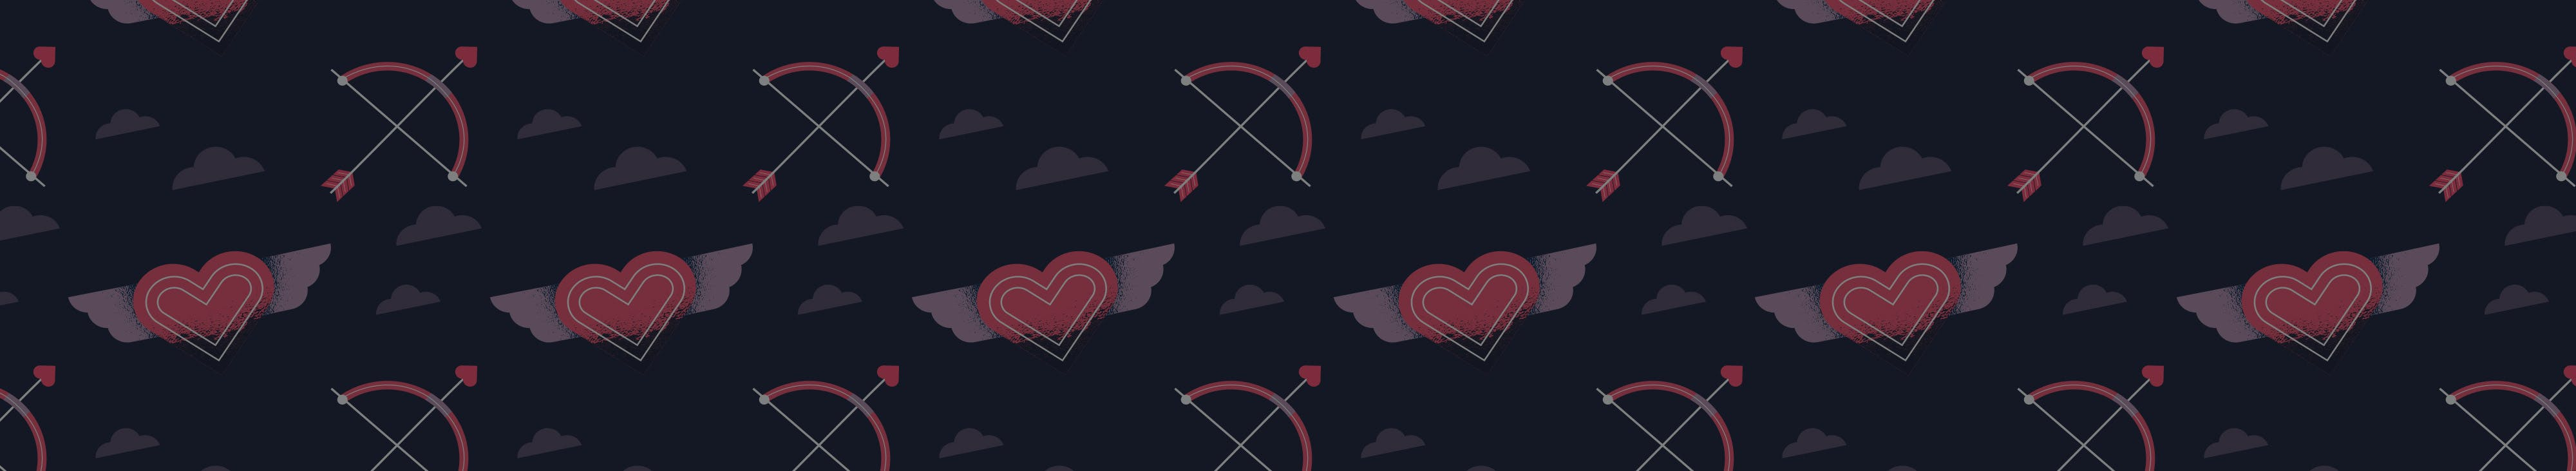 Valentine's Day pattern background design for header